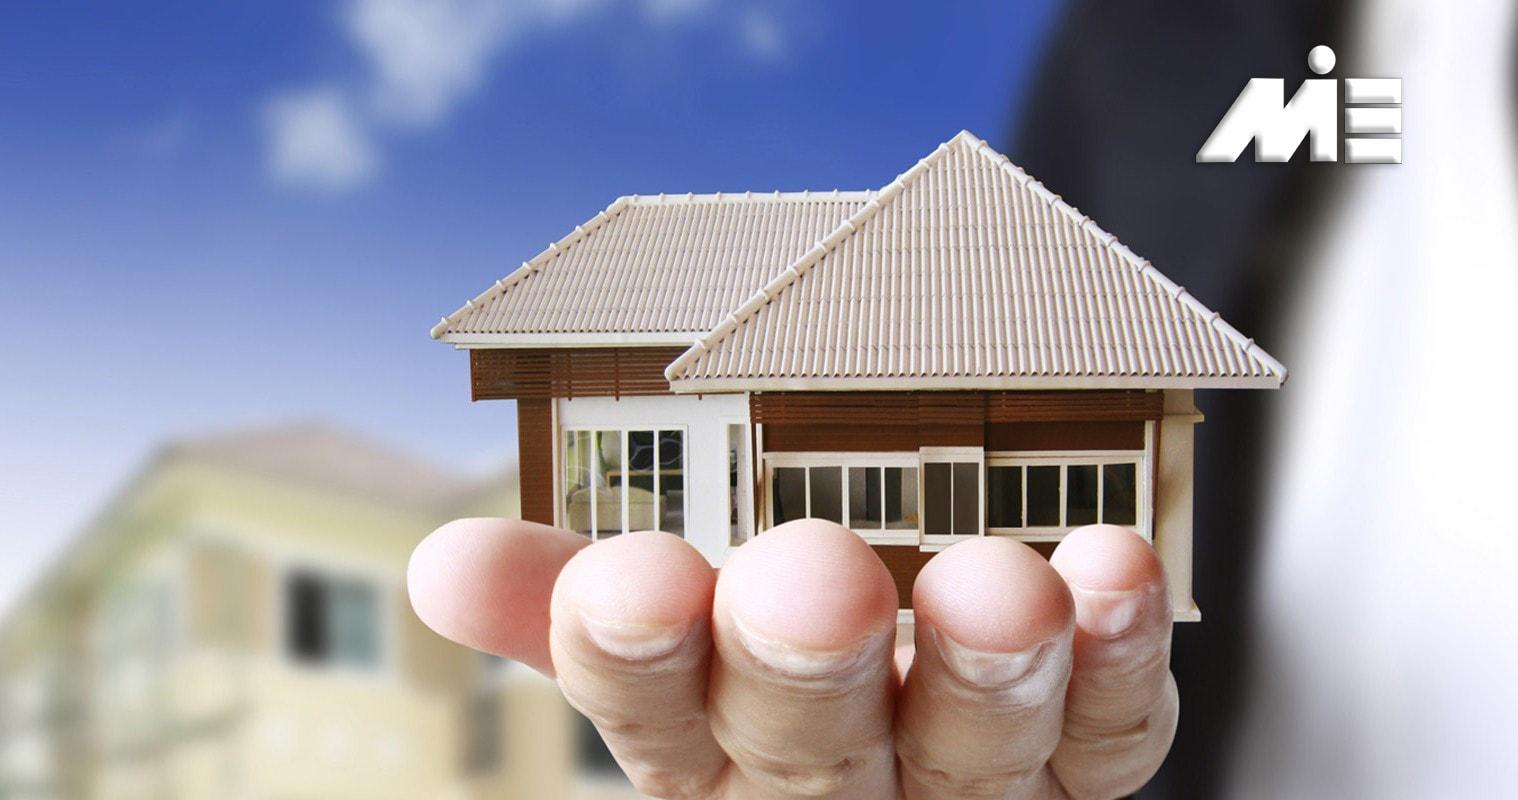 خرید ملک در خارج از کشور - اخذ اقامت از طریق خرید ملک